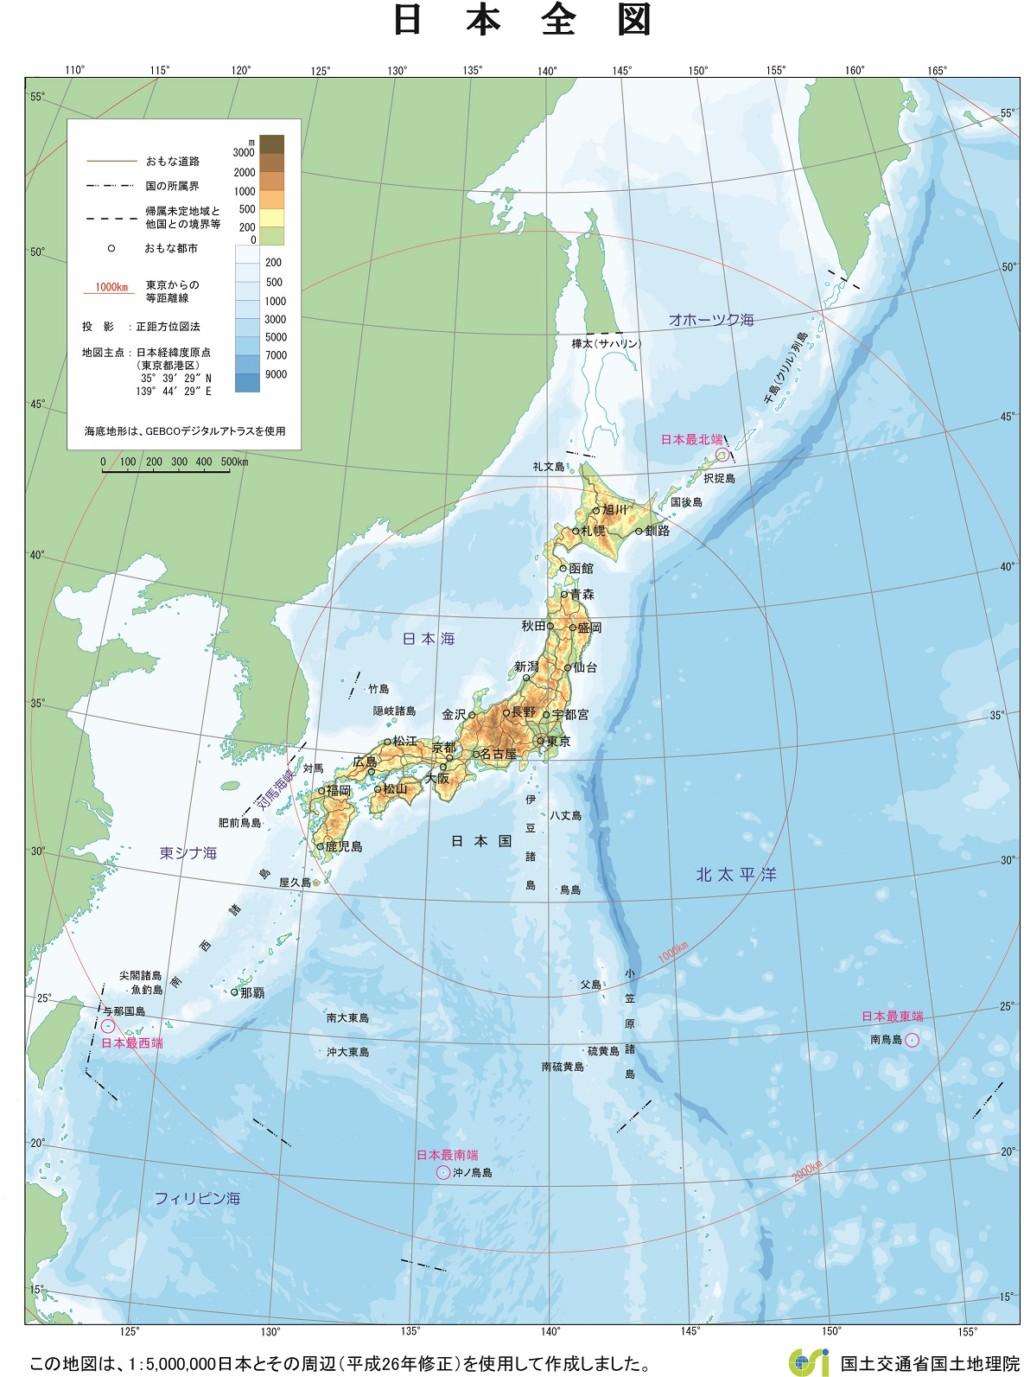 日本重要小島竟在「衛星圖上整座蒸發」!專家:極大可能是某些人消失了